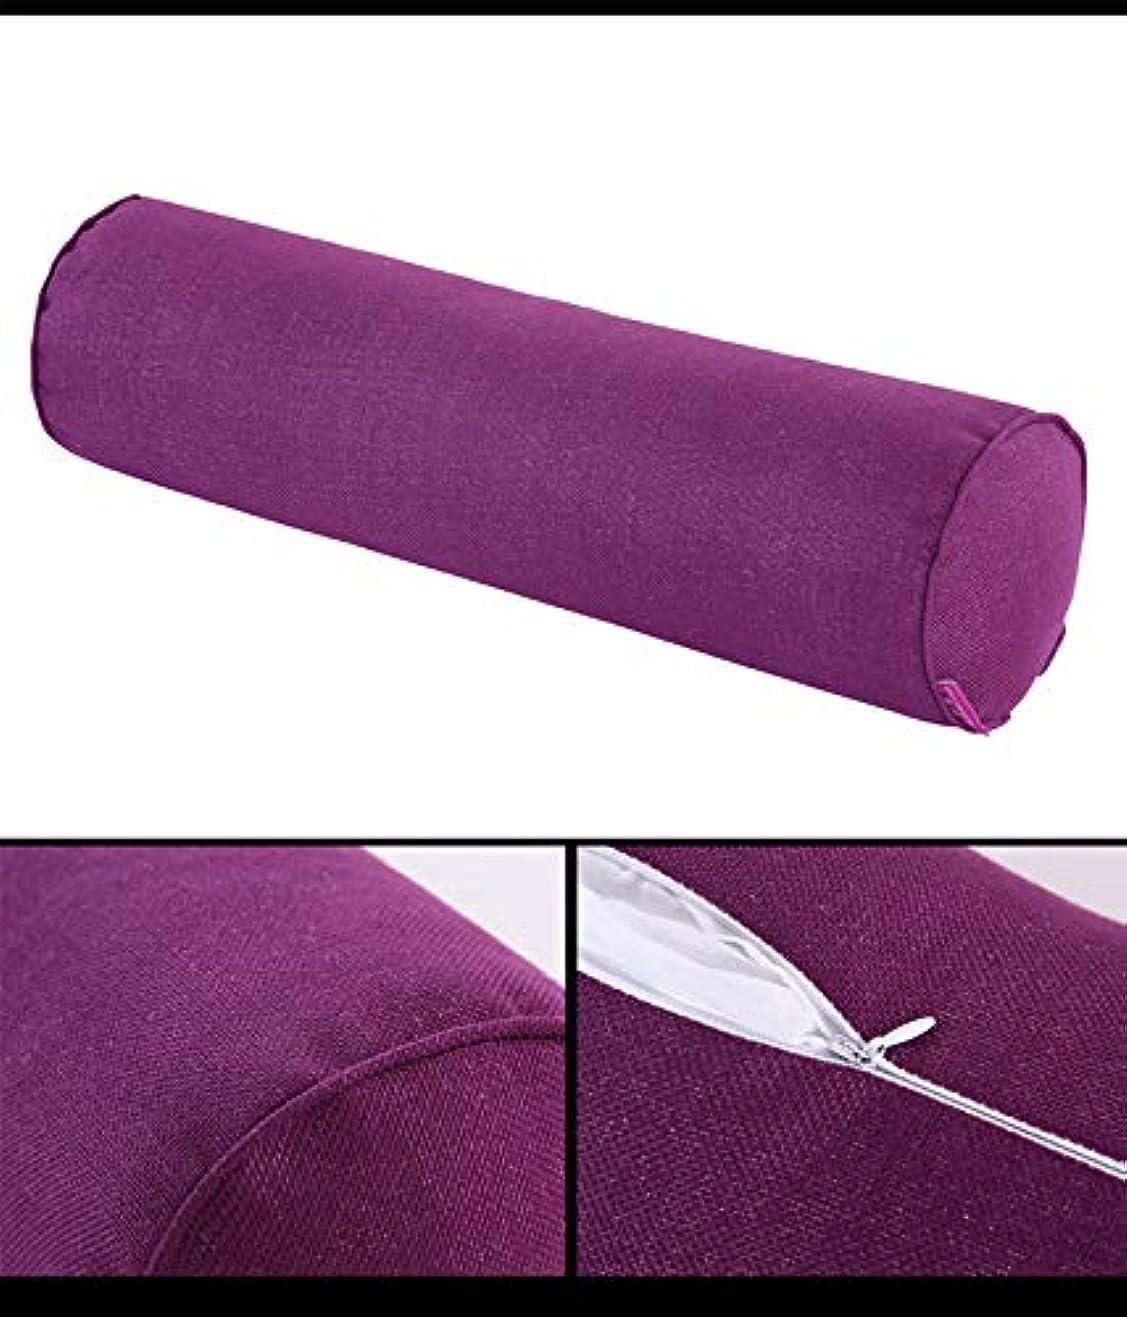 安全なヒューマニスティック推測するNOTE AAG彼氏枕ソリッドロングスローピローコットンリネン脊椎ネックヘッドレストベッドチェアカーシートバックレスト睡眠枕